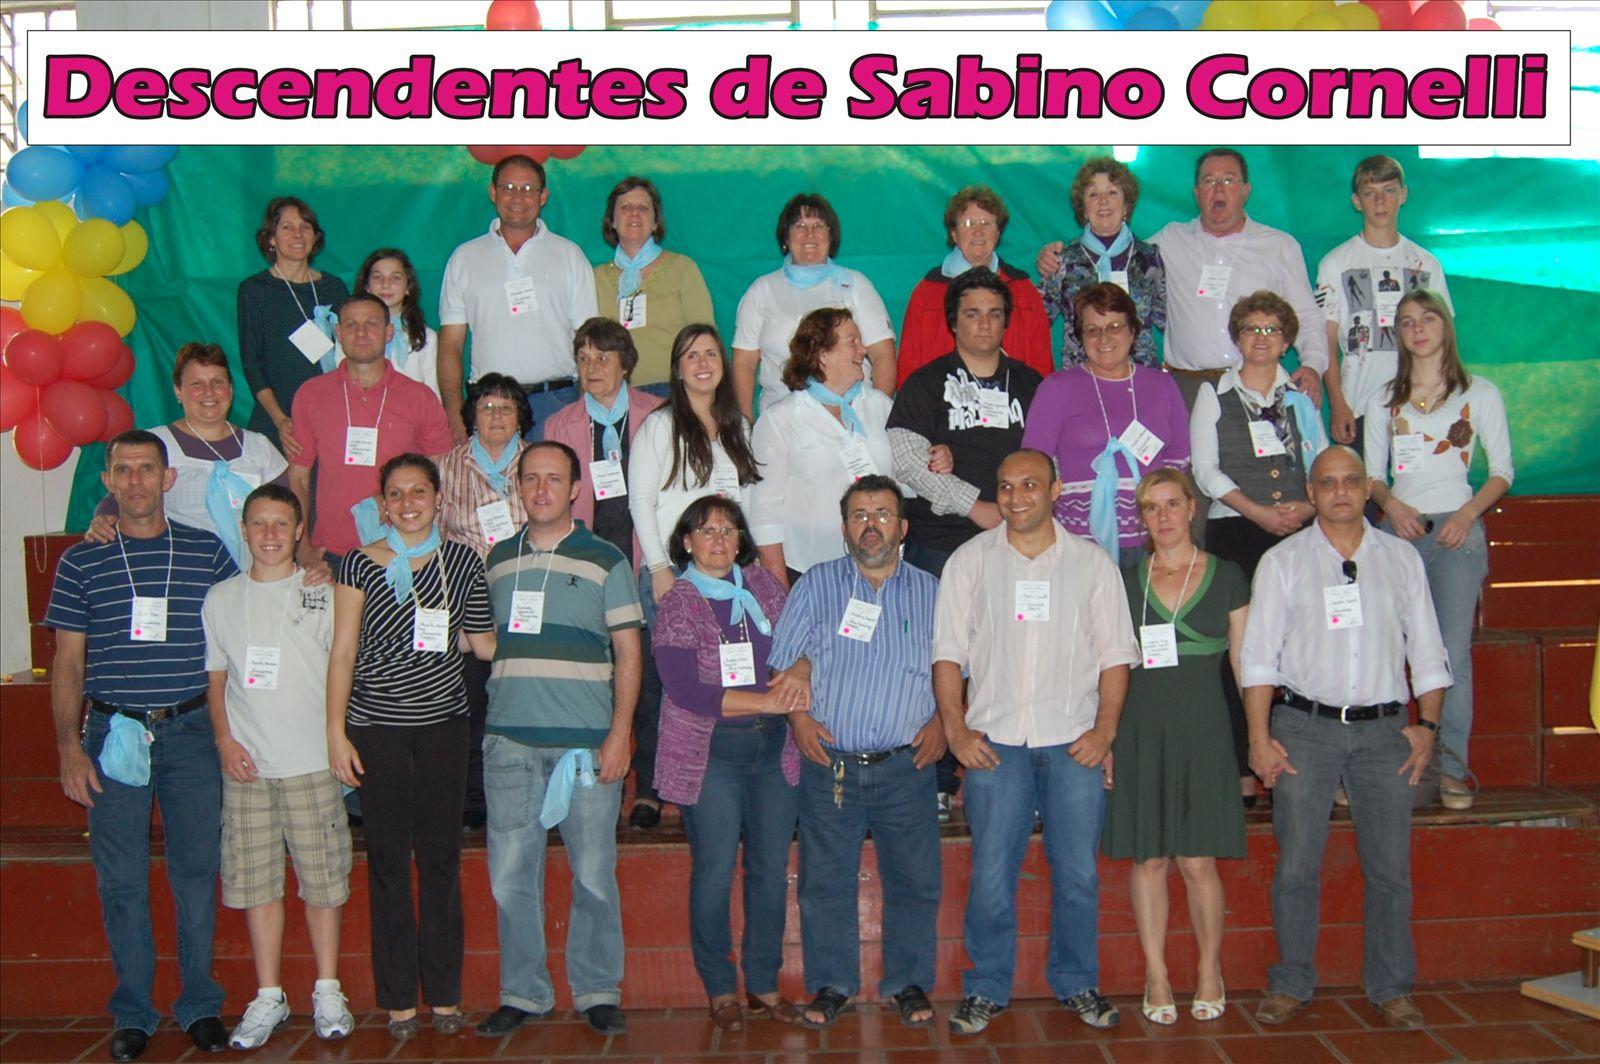 Descendentes de Sabino Cornelli 01_0